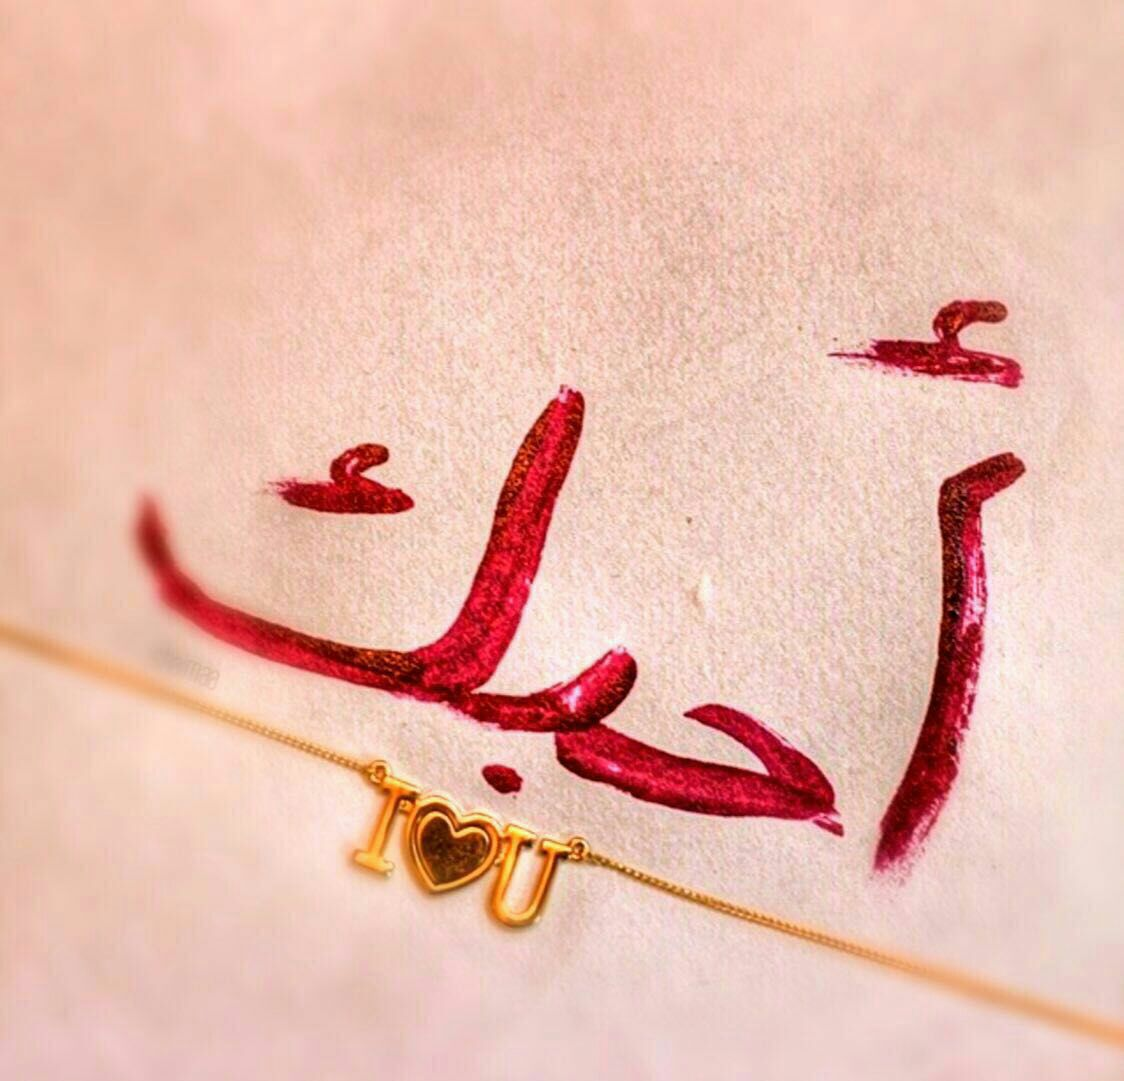 صورة احدث رسائل الحب , رسائل الاحباب وجماله